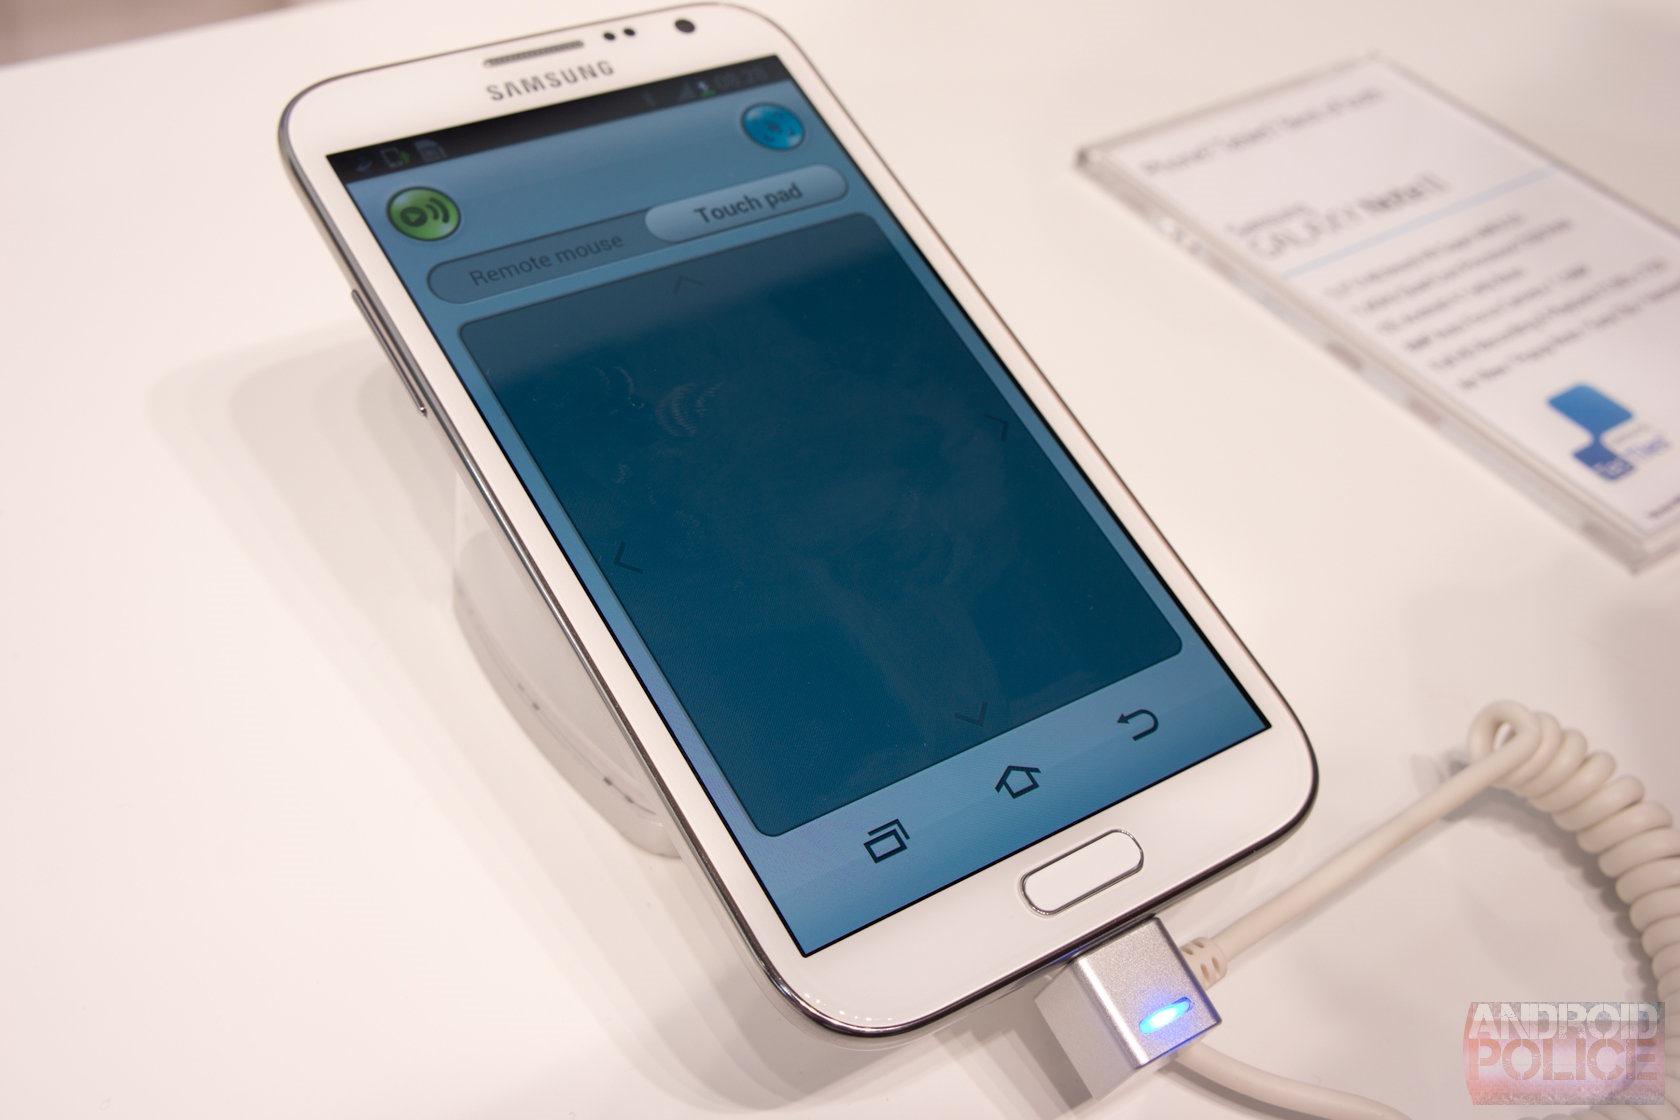 jeux mobile9 samsung gt-s5230